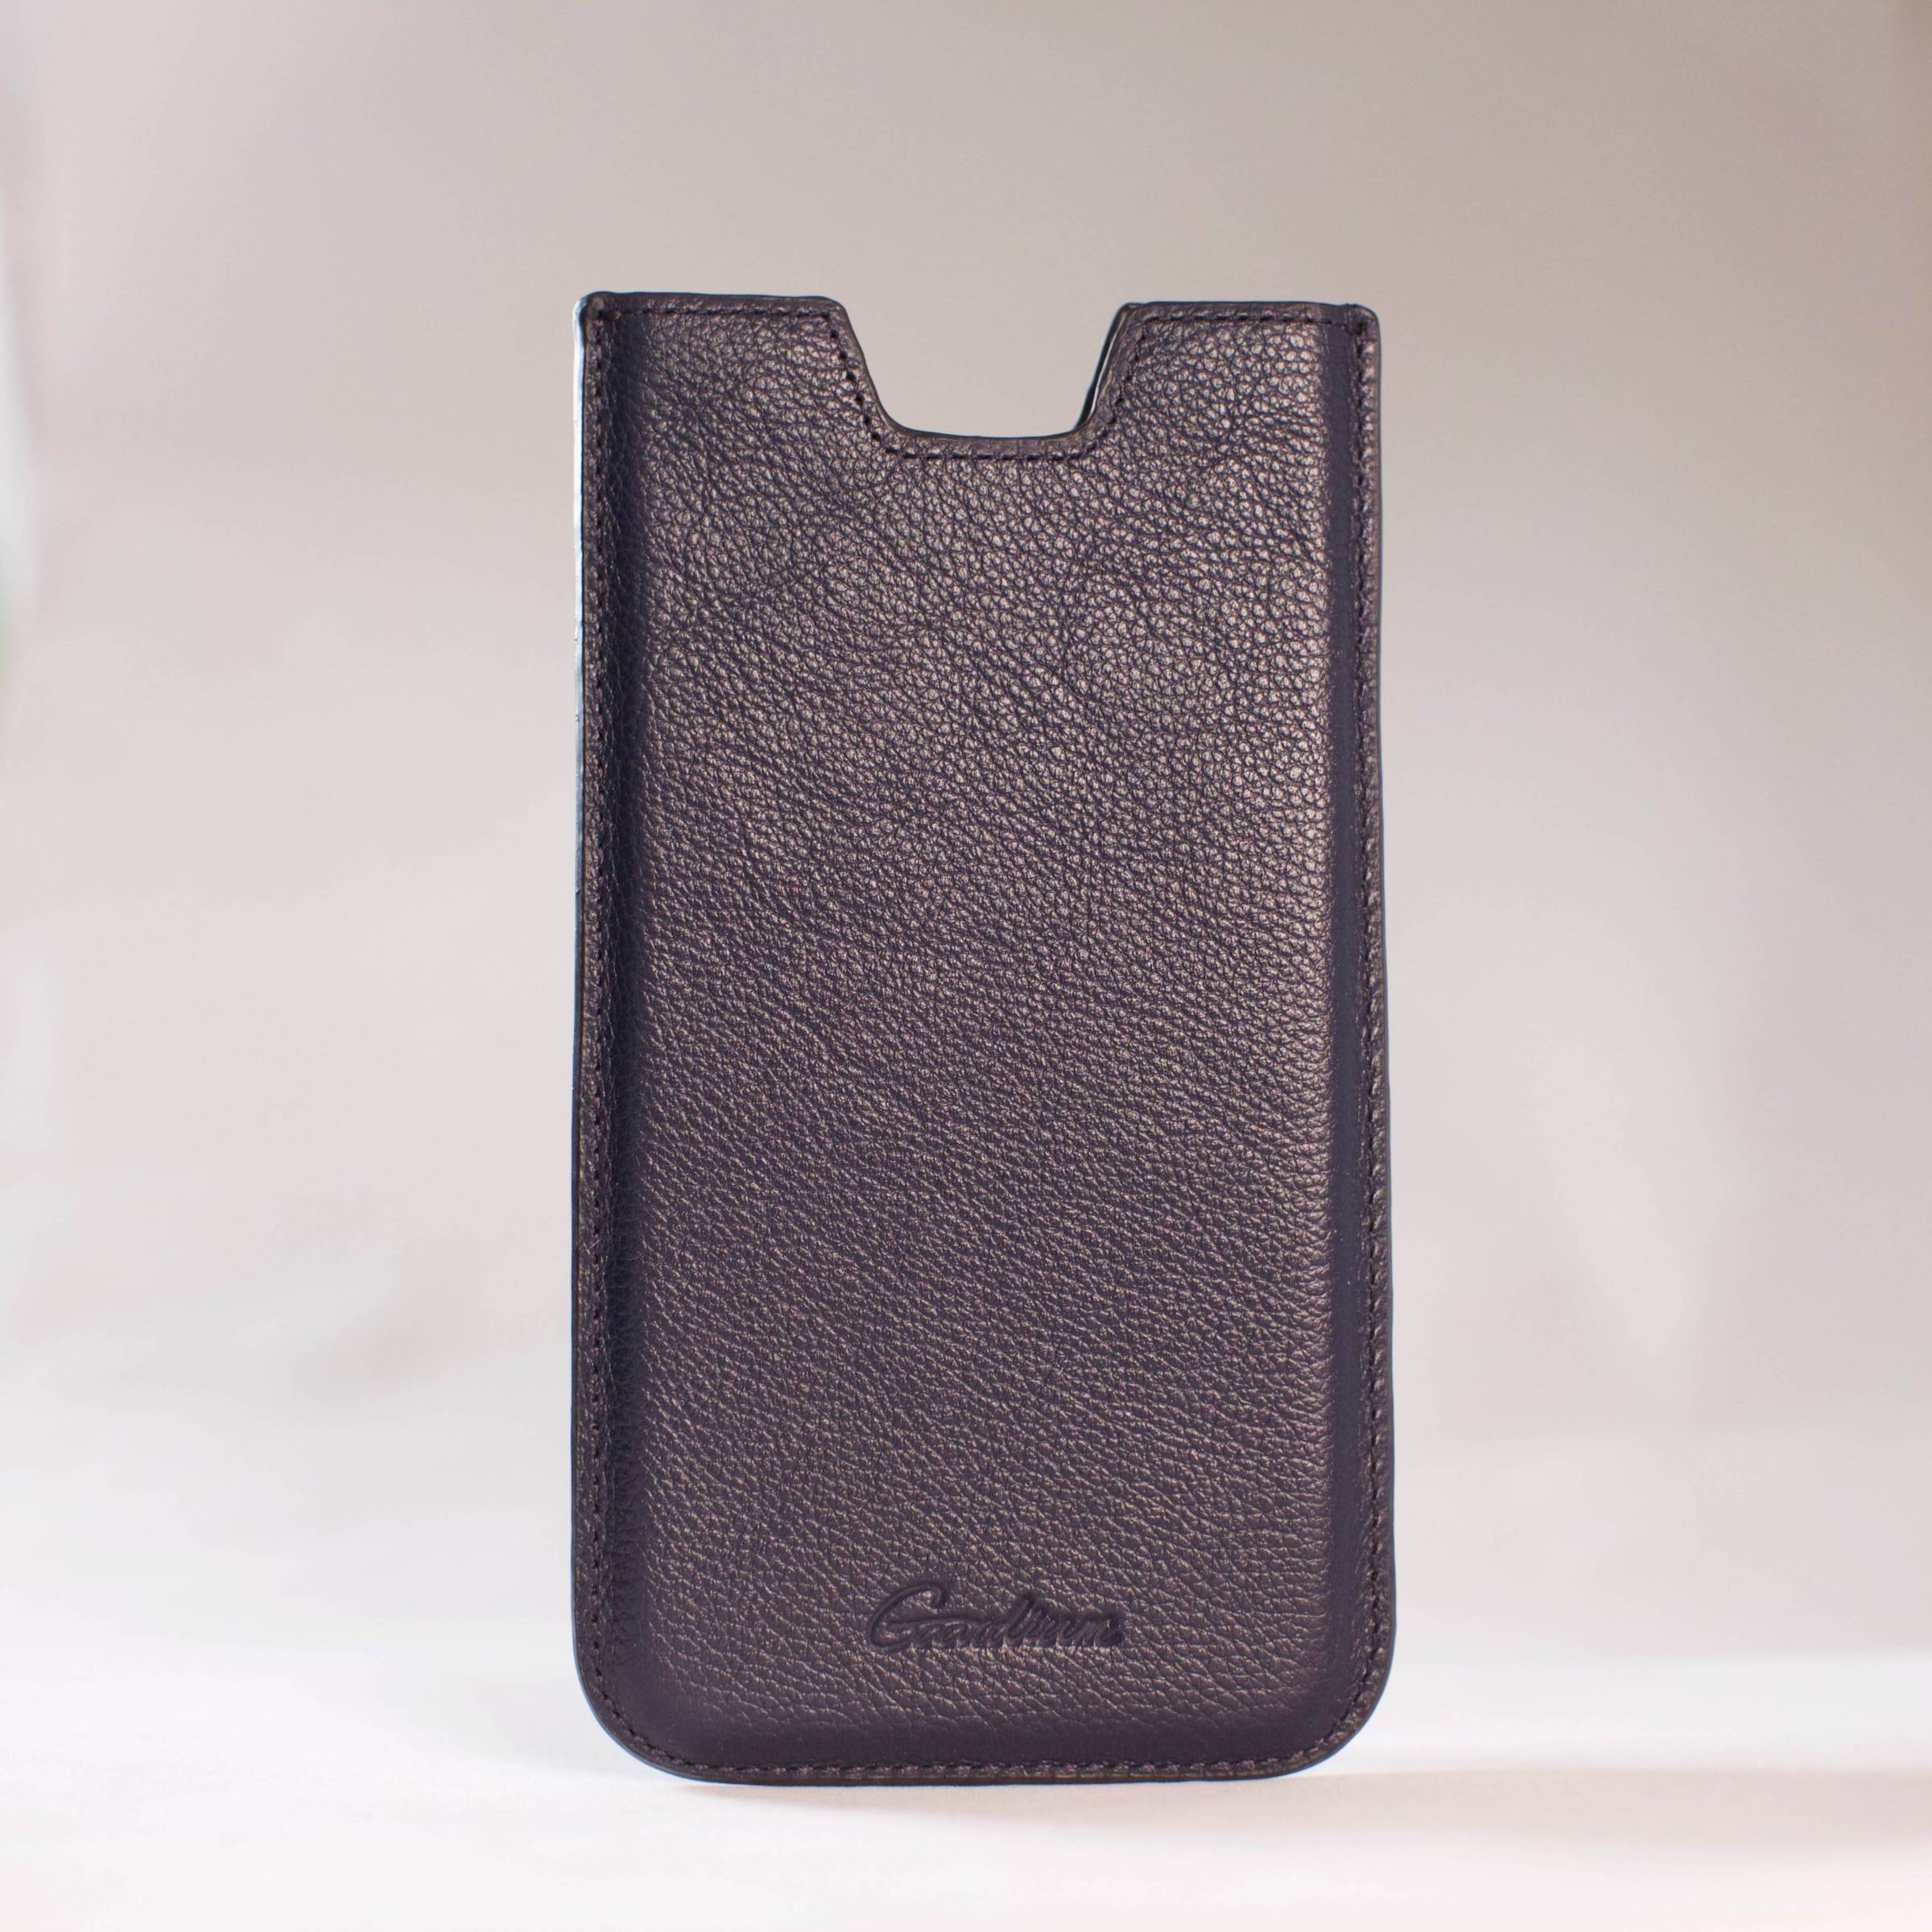 gaardium Gaardium sleeve iphone 6/6s/7/8 plus farve blå fra mackabler.dk